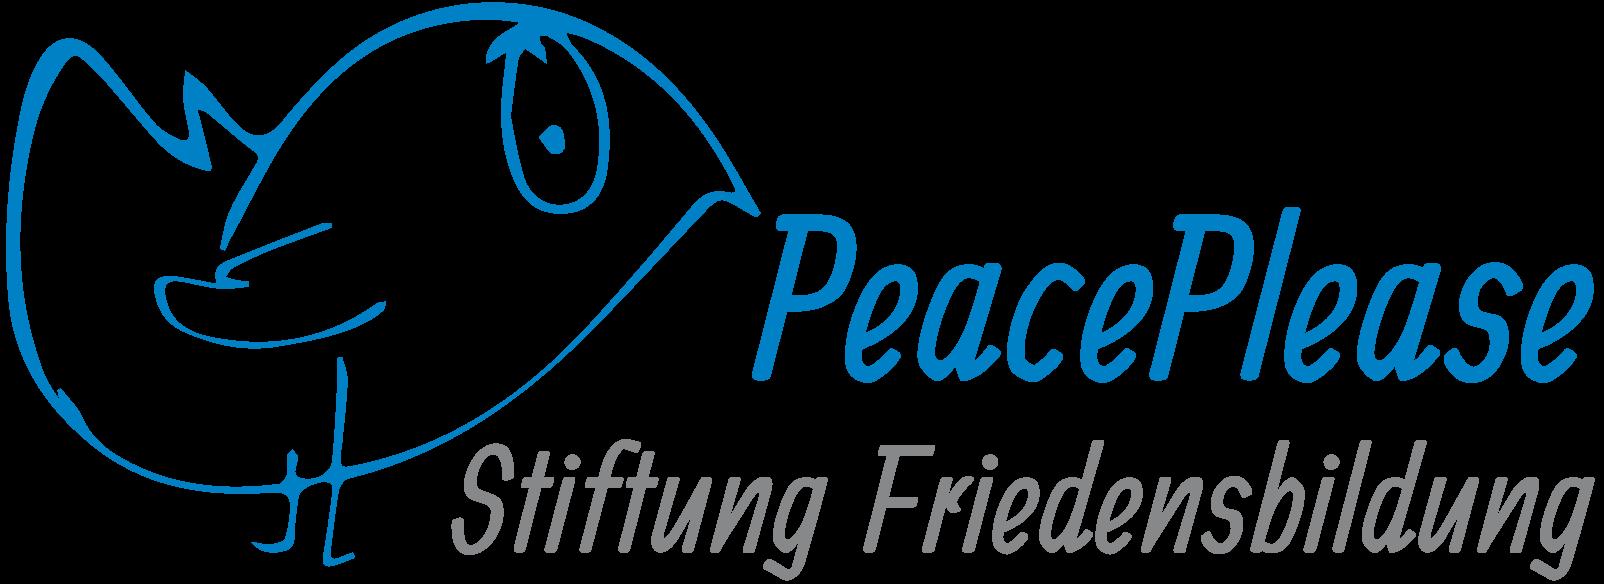 Stiftung Friedensbildung